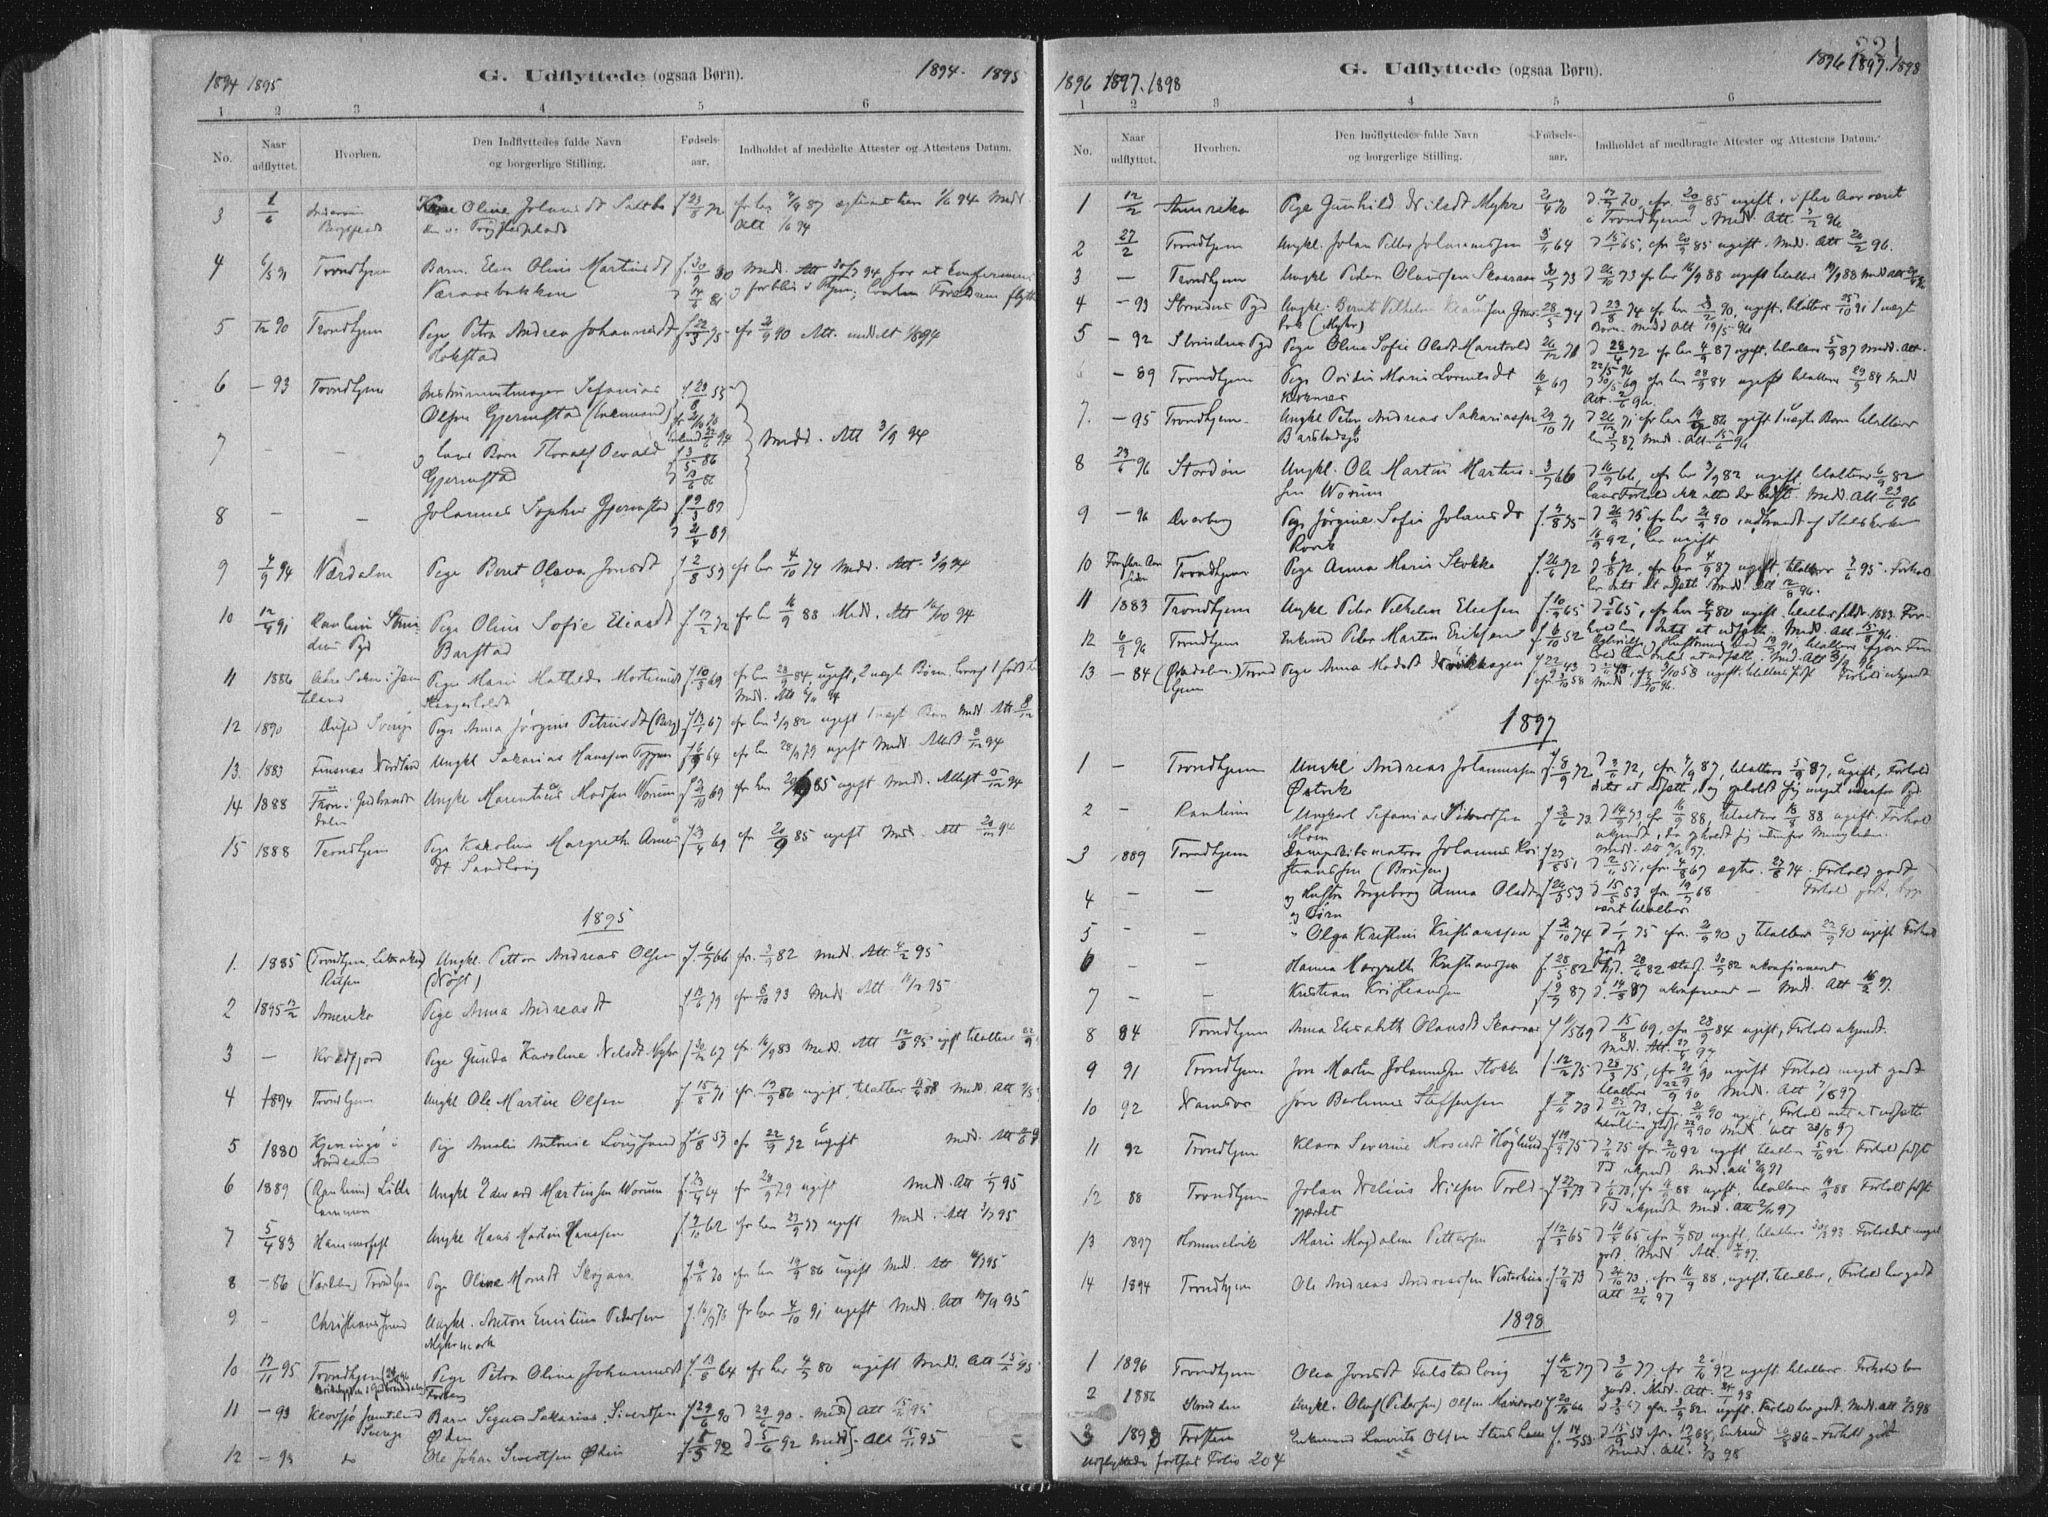 SAT, Ministerialprotokoller, klokkerbøker og fødselsregistre - Nord-Trøndelag, 722/L0220: Ministerialbok nr. 722A07, 1881-1908, s. 221